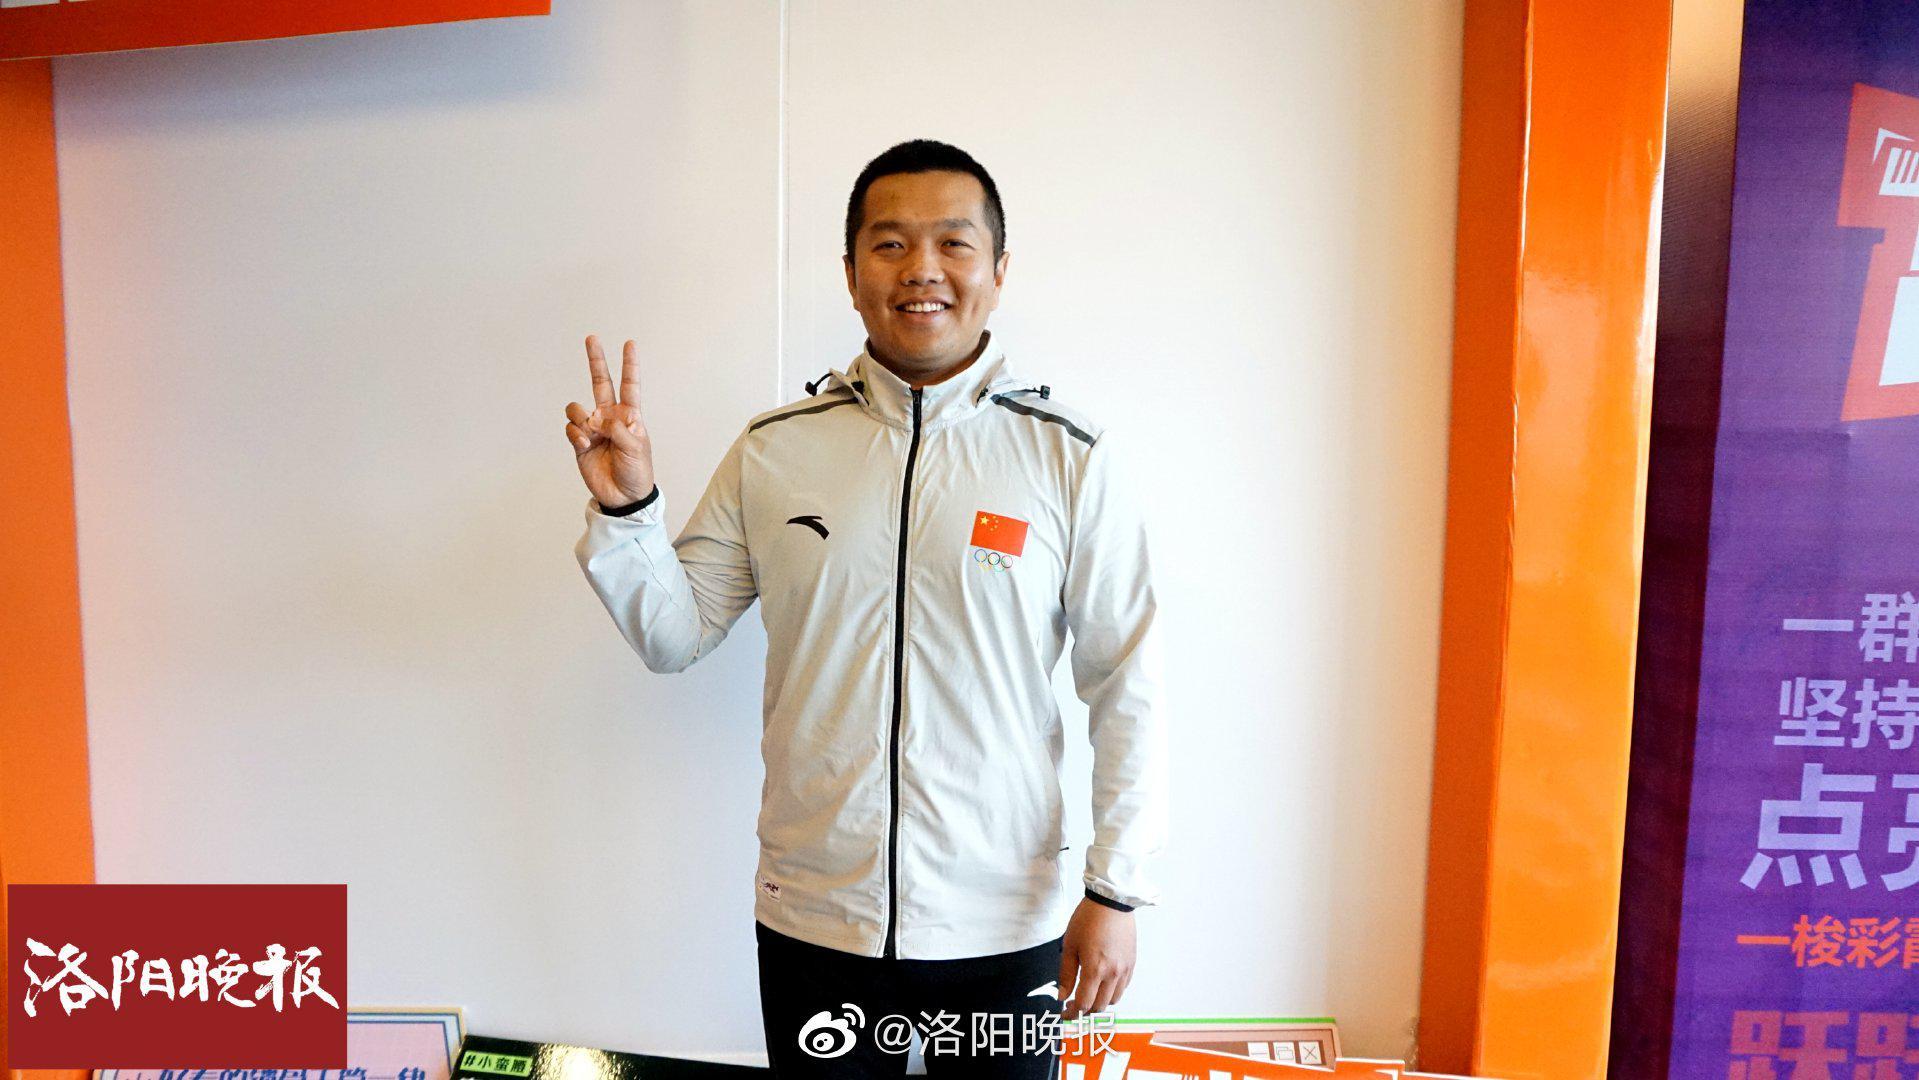 目标——东京奥运会,洛阳31岁皮划艇老将再出征!